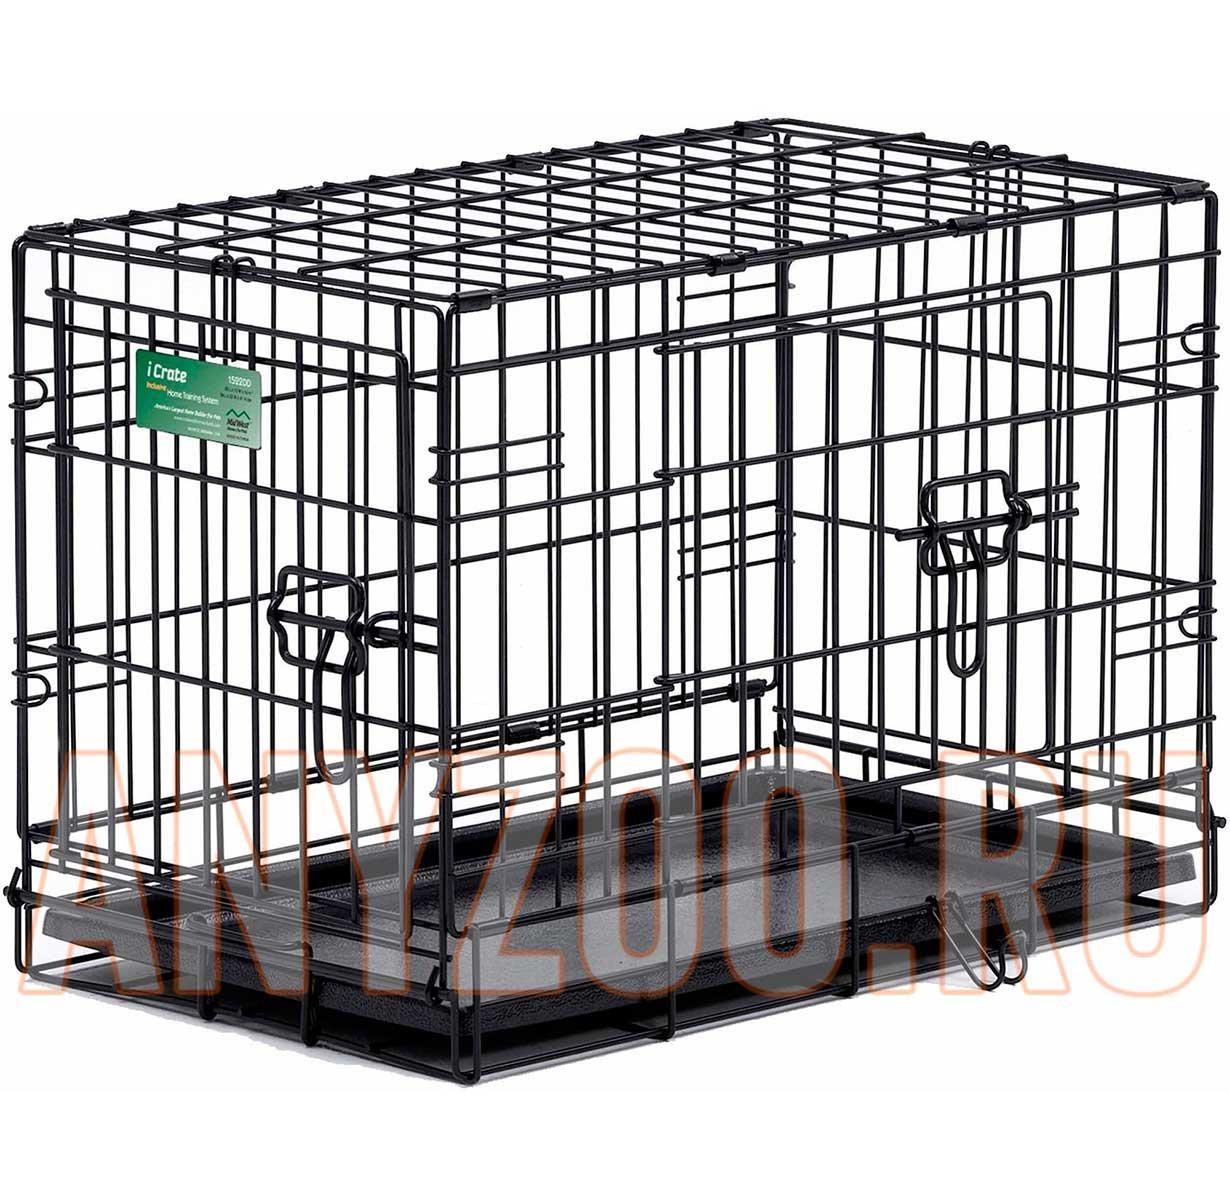 Midwest iCrate клетка для собак 2 двери, черная 61*46*48см ( Клетки, вольеры для собак )